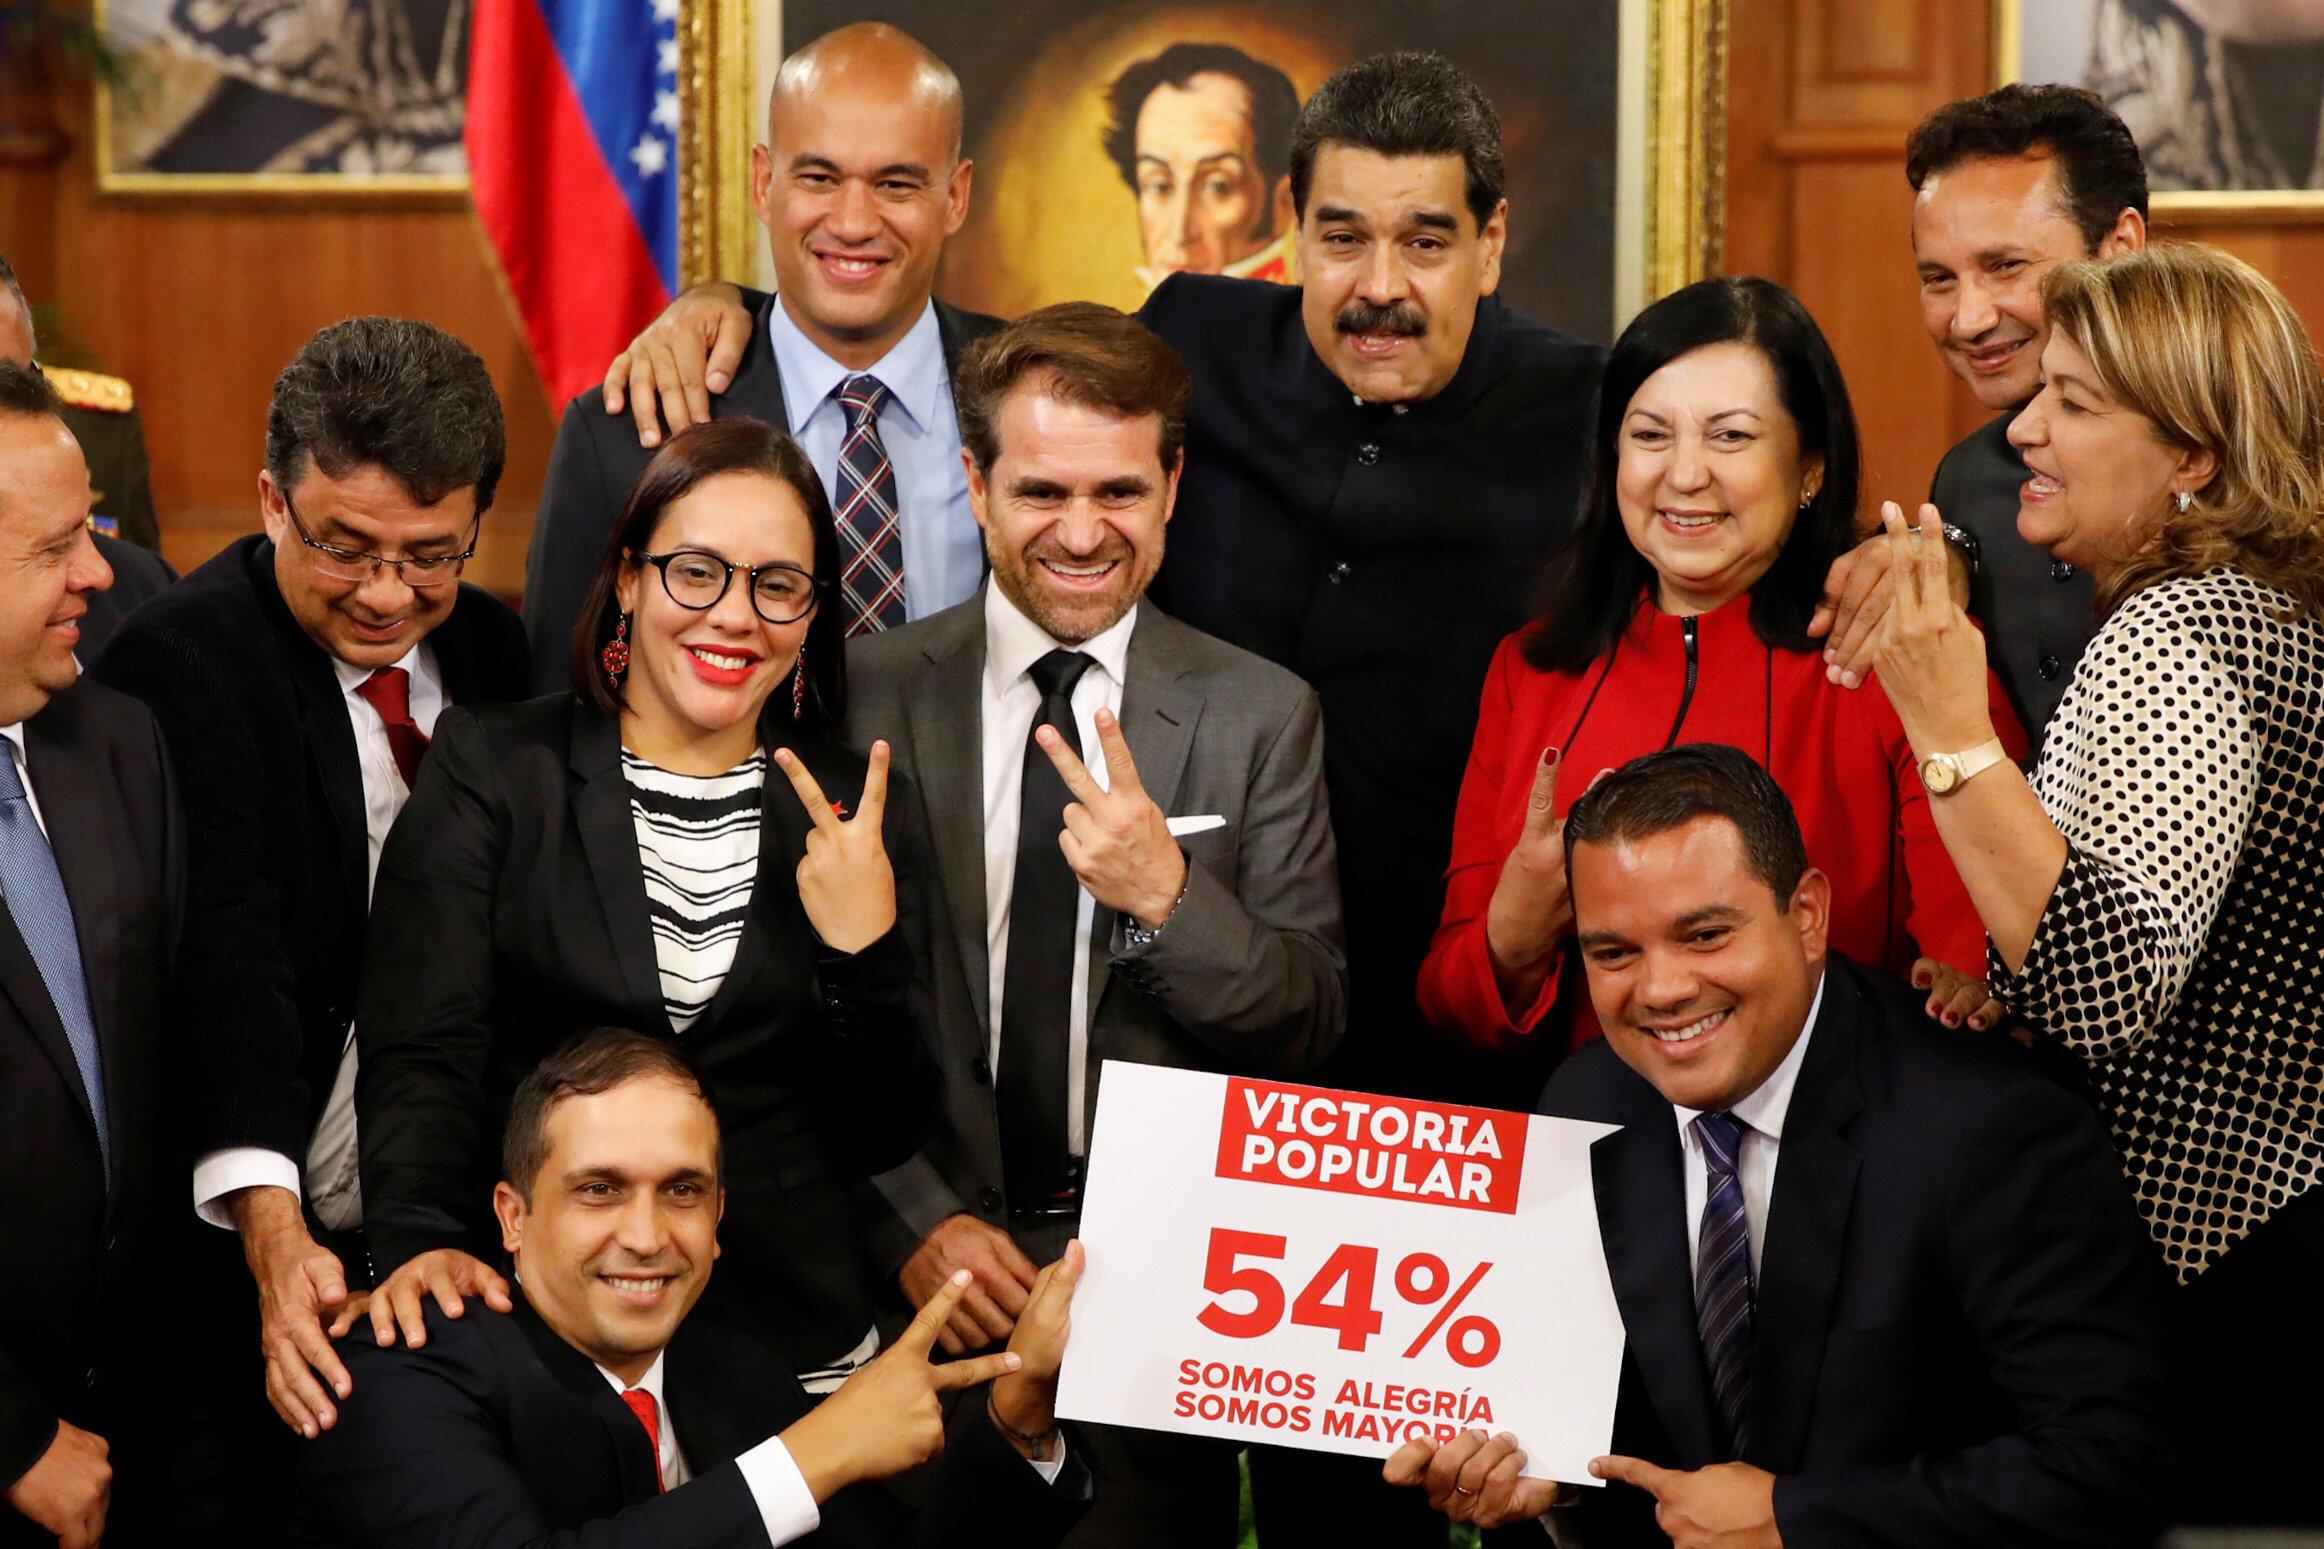 Tổng thống Venezuela, Nicolás Maduro cùng với các thống đốc vừa được bầu trong cuộc họp báo tại Dinh tổng thống Miraflores ngày 17/10/2017.